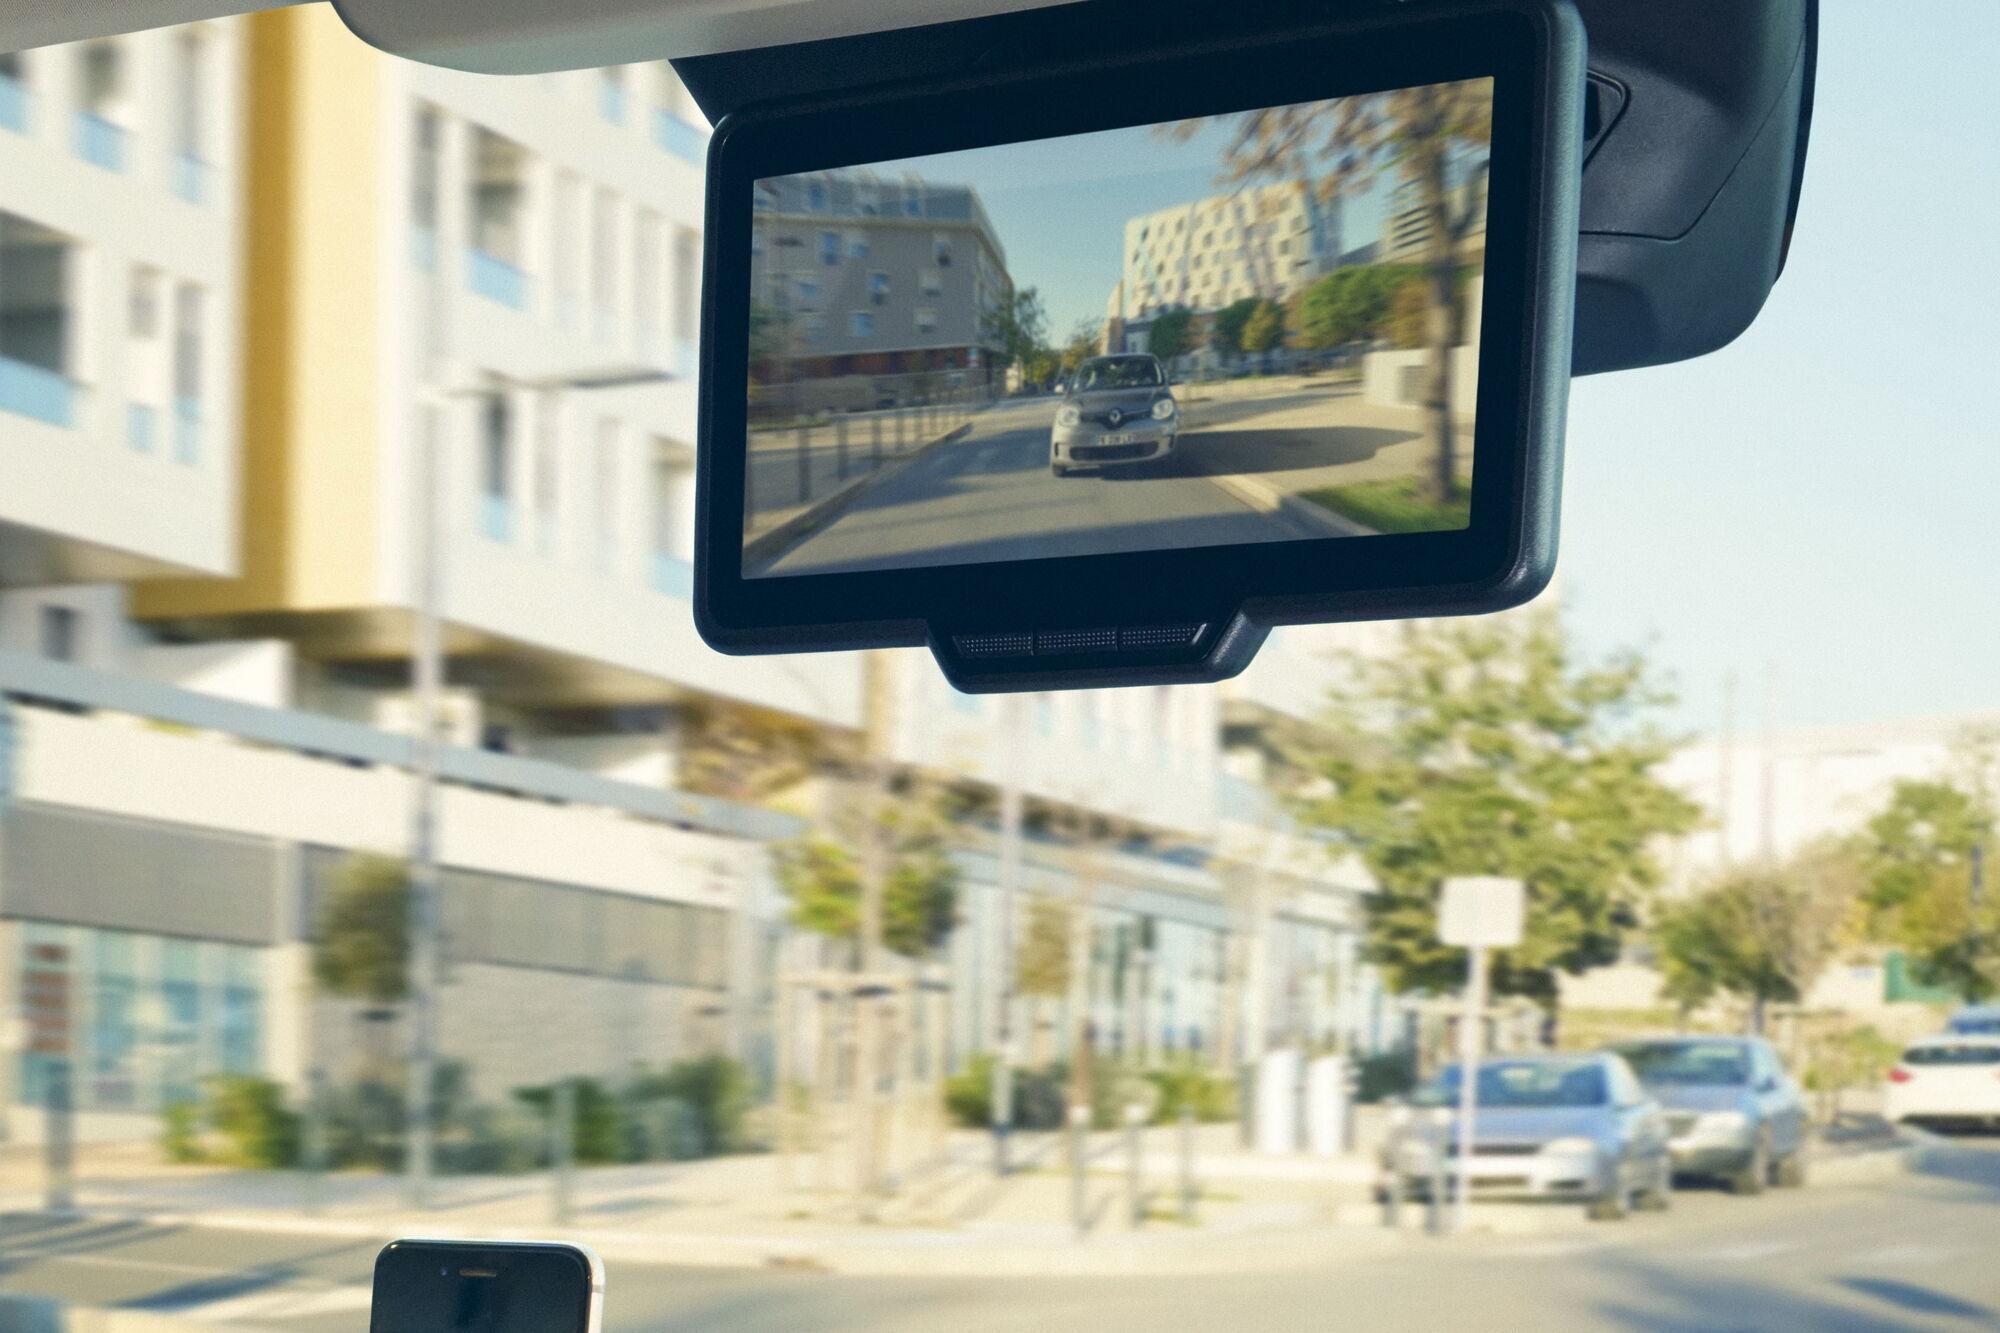 Вперше у сегменті замість звичного салонного дзеркала пропонується дисплей, на який транслюється зображення з задньої камери